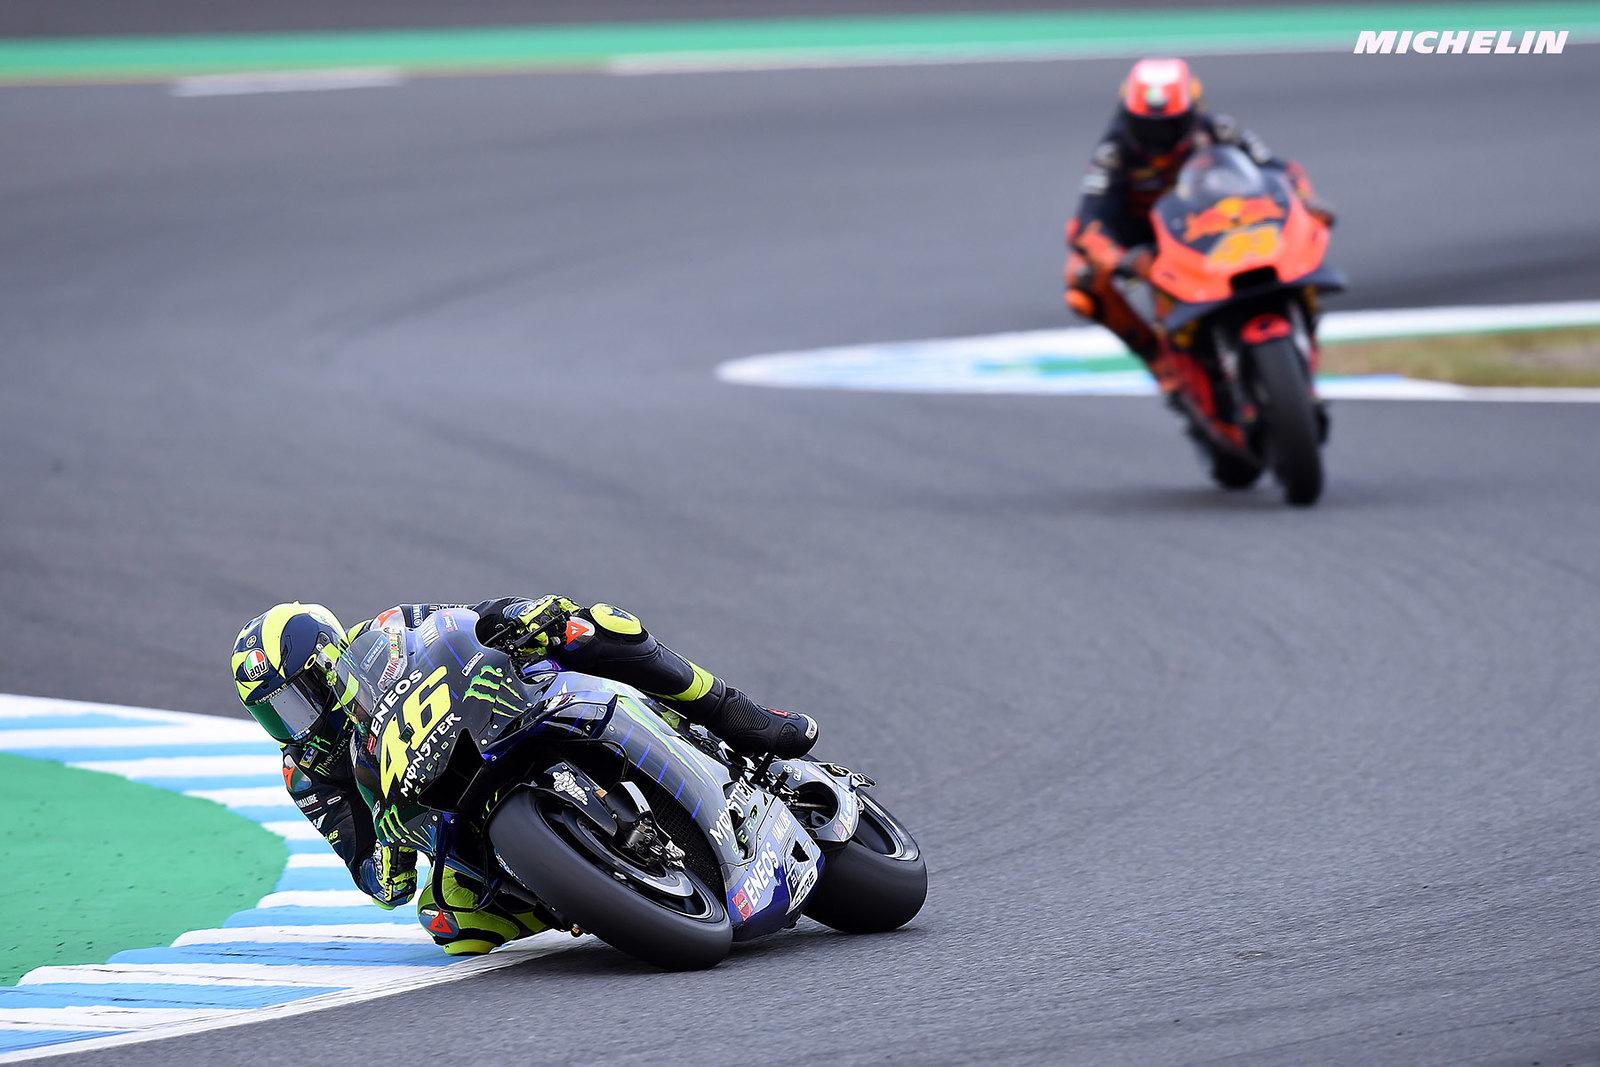 MotoGP2019日本GP バレンティーノ・ロッシ「ターン1でミスをしてしまった」